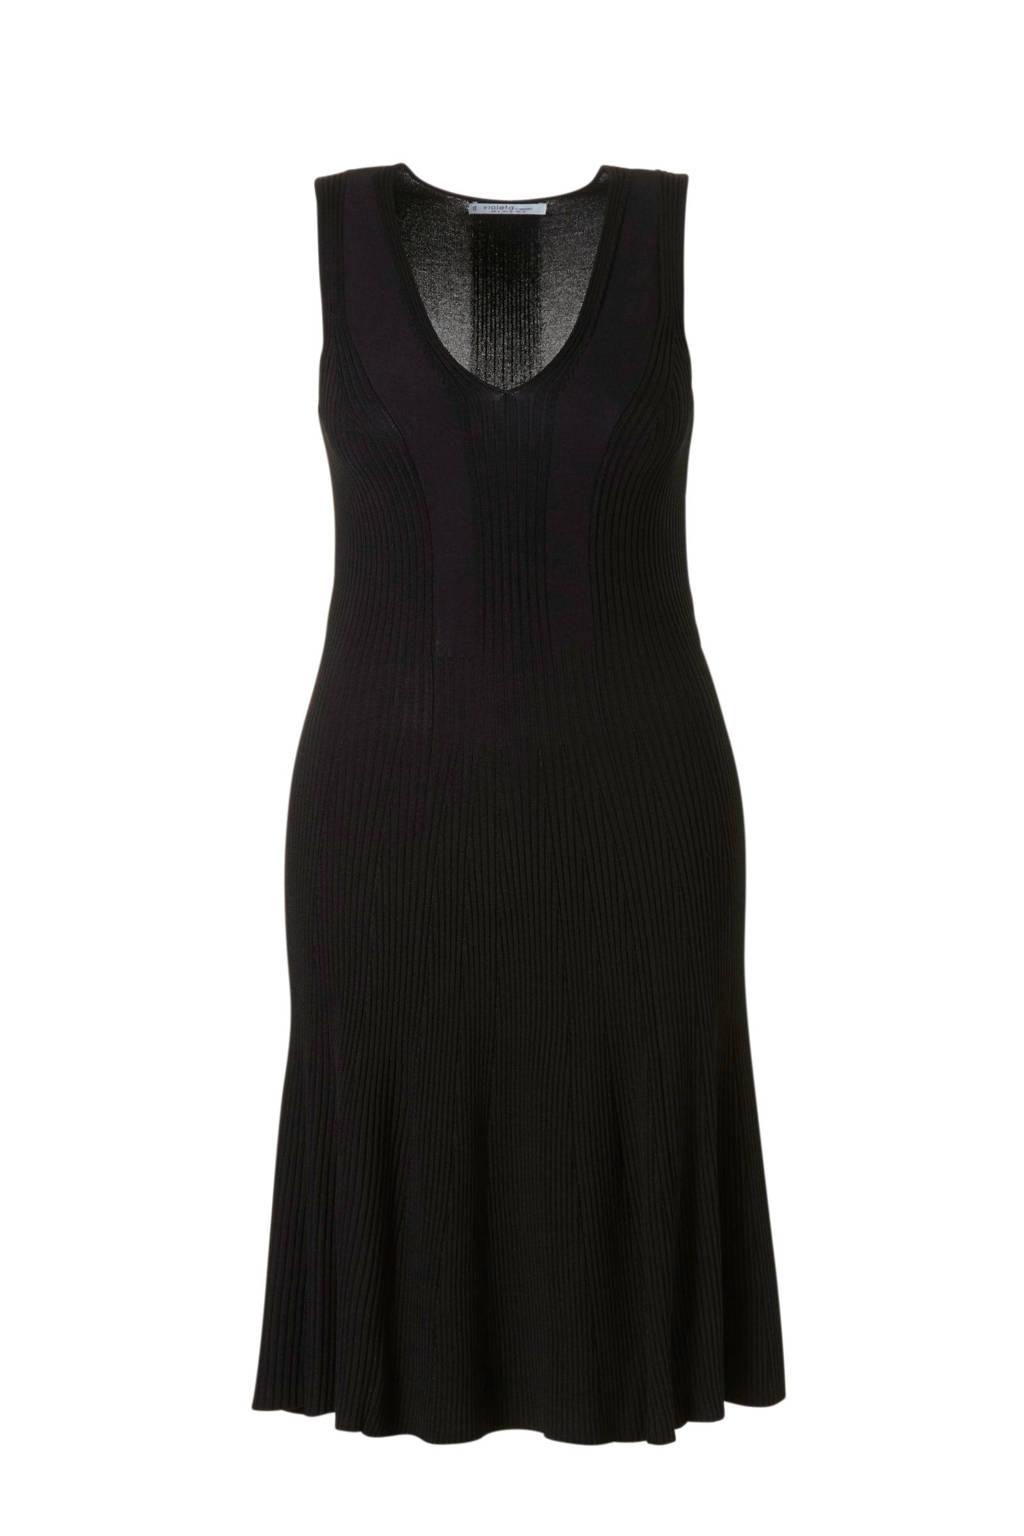 Violeta by Mango jurk gebreid zwart, Zwart